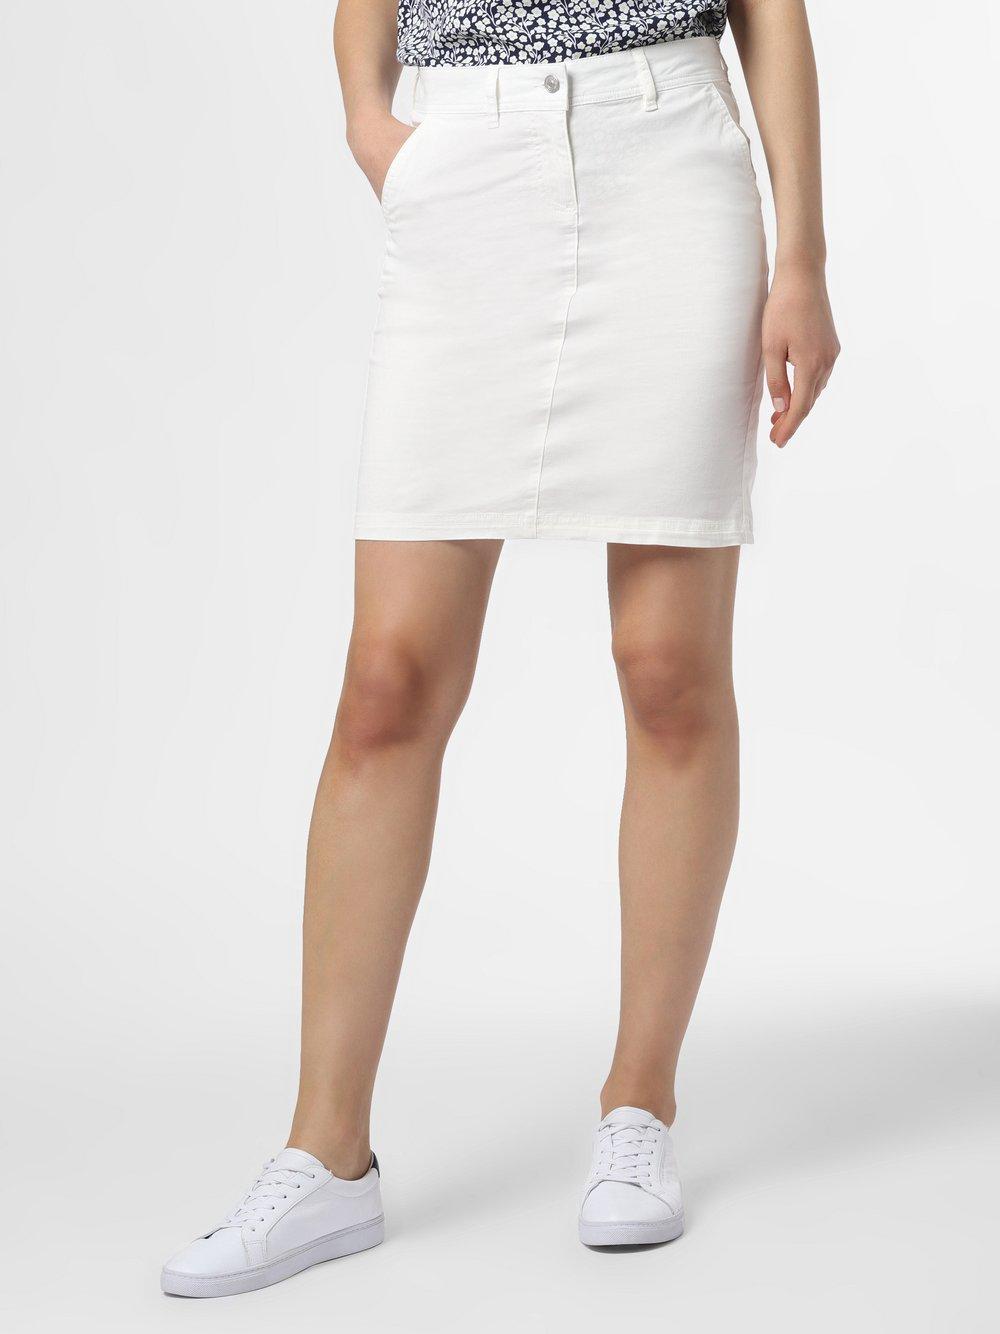 Marie Lund - Spódnica damska, biały